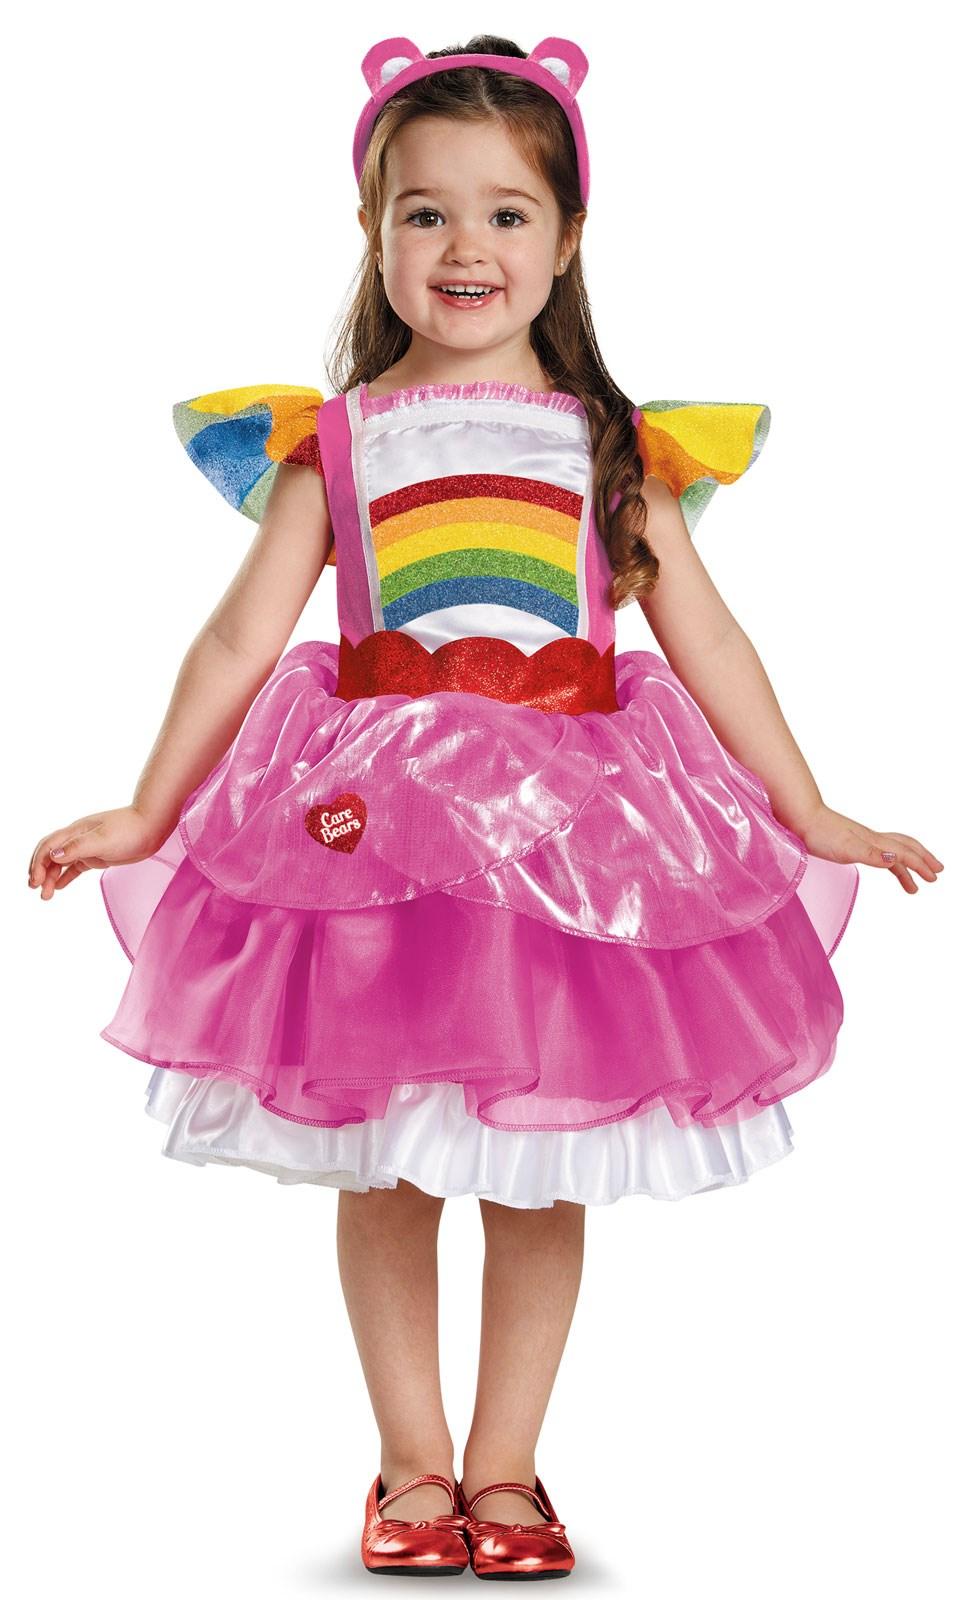 Cheer Bear Deluxe Tutu Costume For Girls